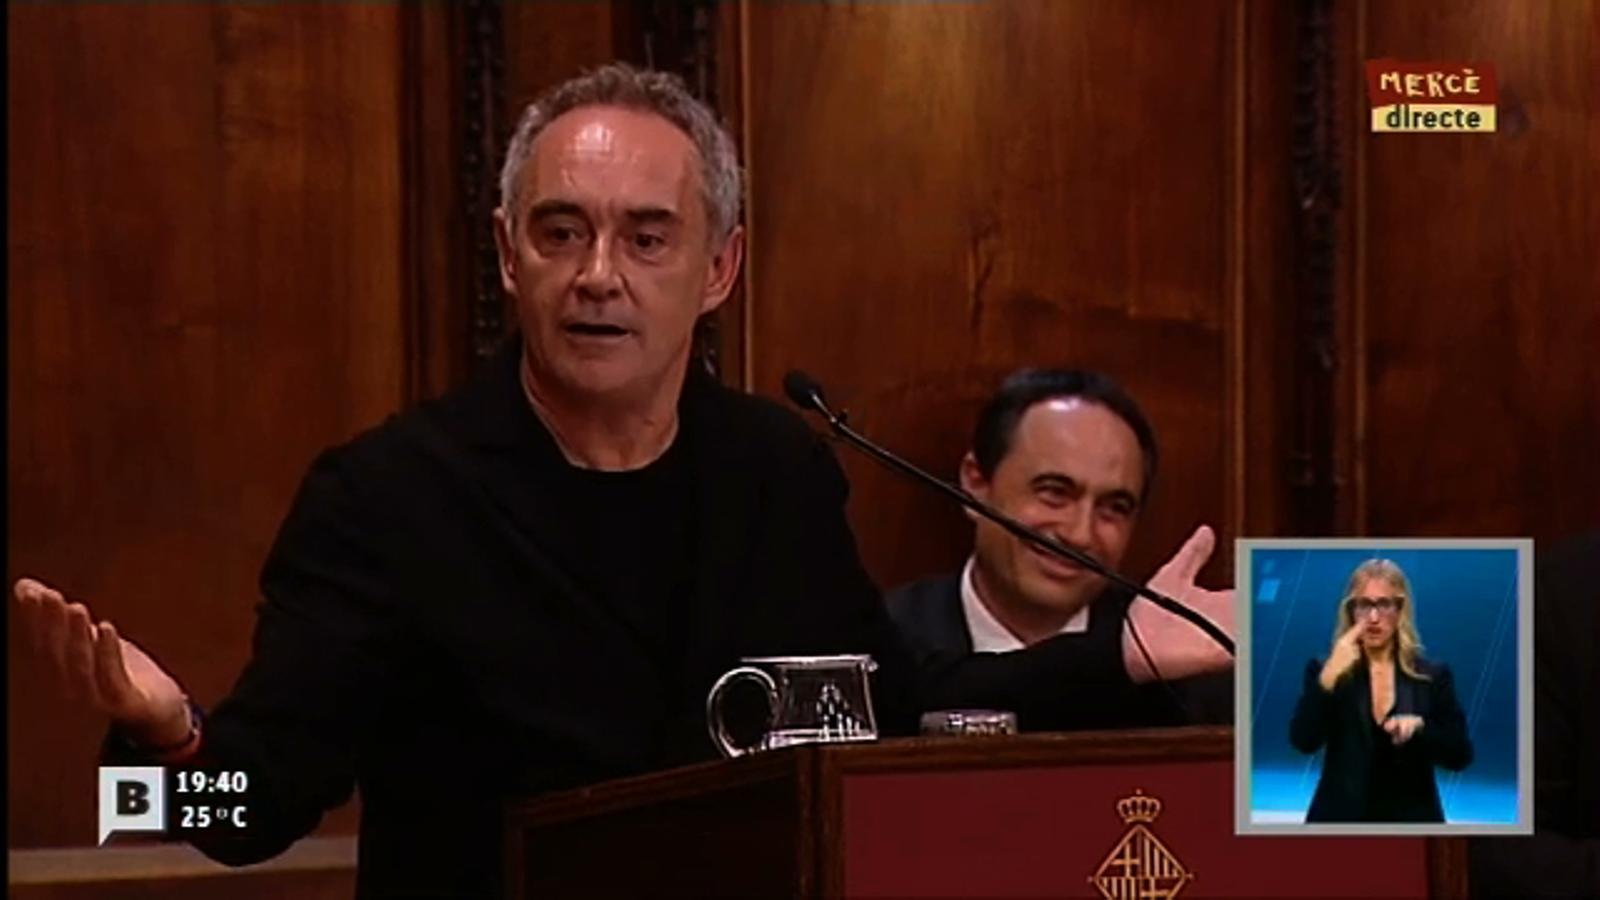 El pregó de 'La Mercè', per Ferran Adrià